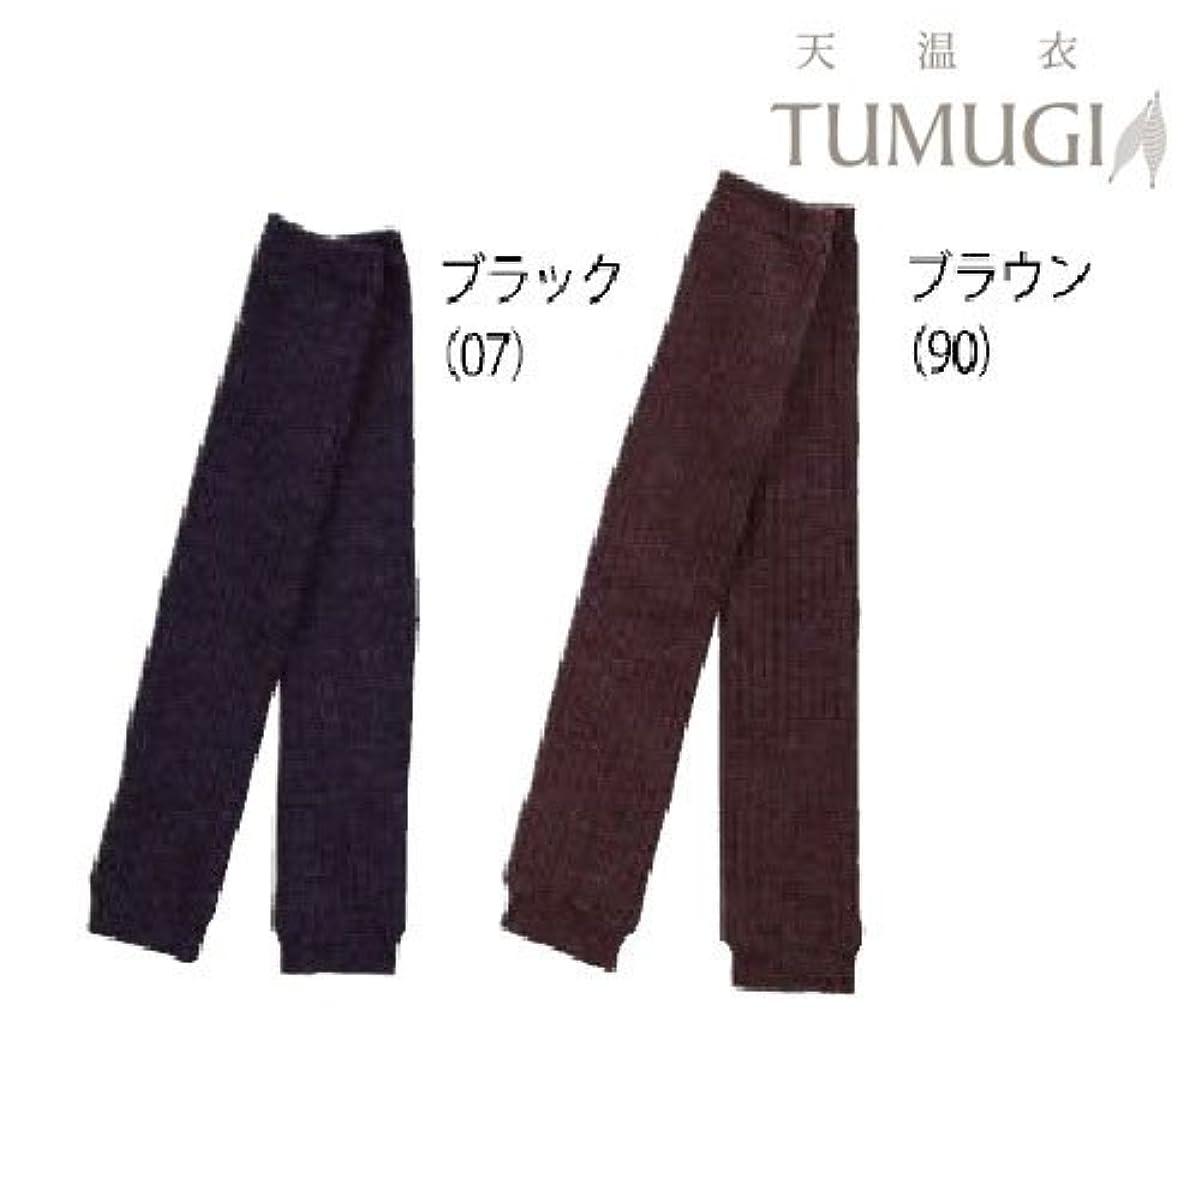 単に正当な情緒的天温衣TUMUGI  ウールとシルクの2重編みレッグウォーマー (ブラック(黒))